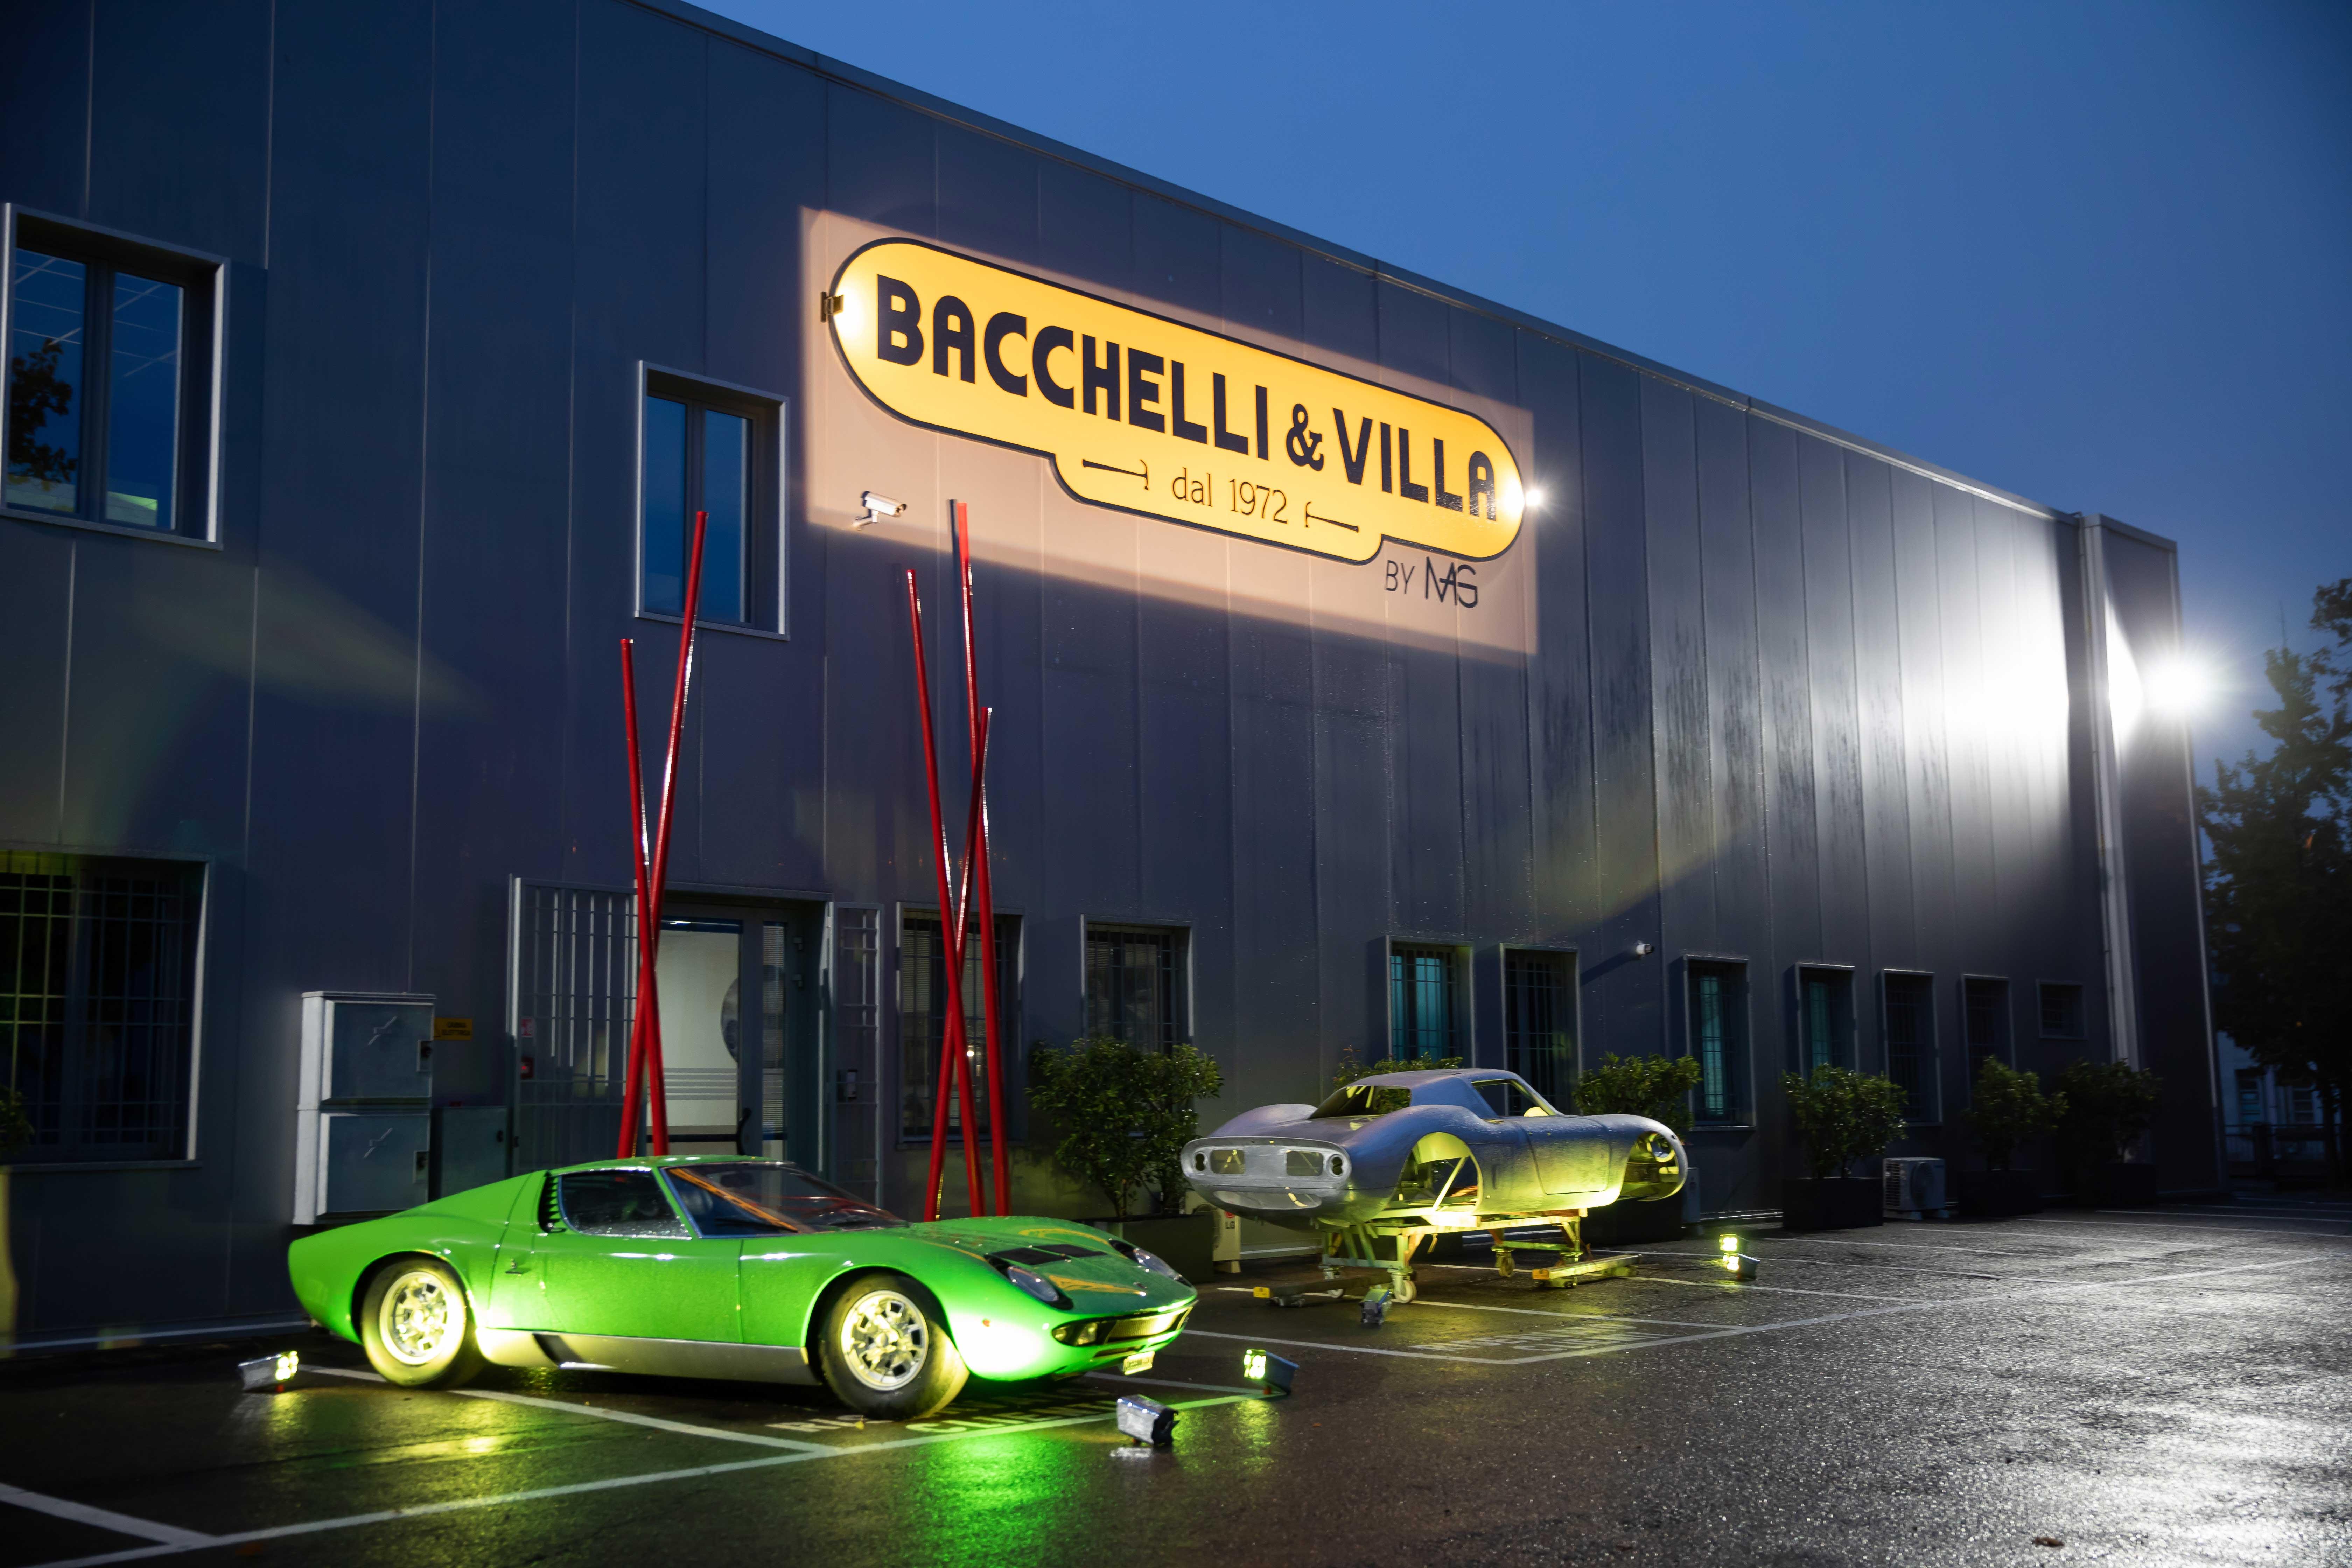 Bacchelli & Villa